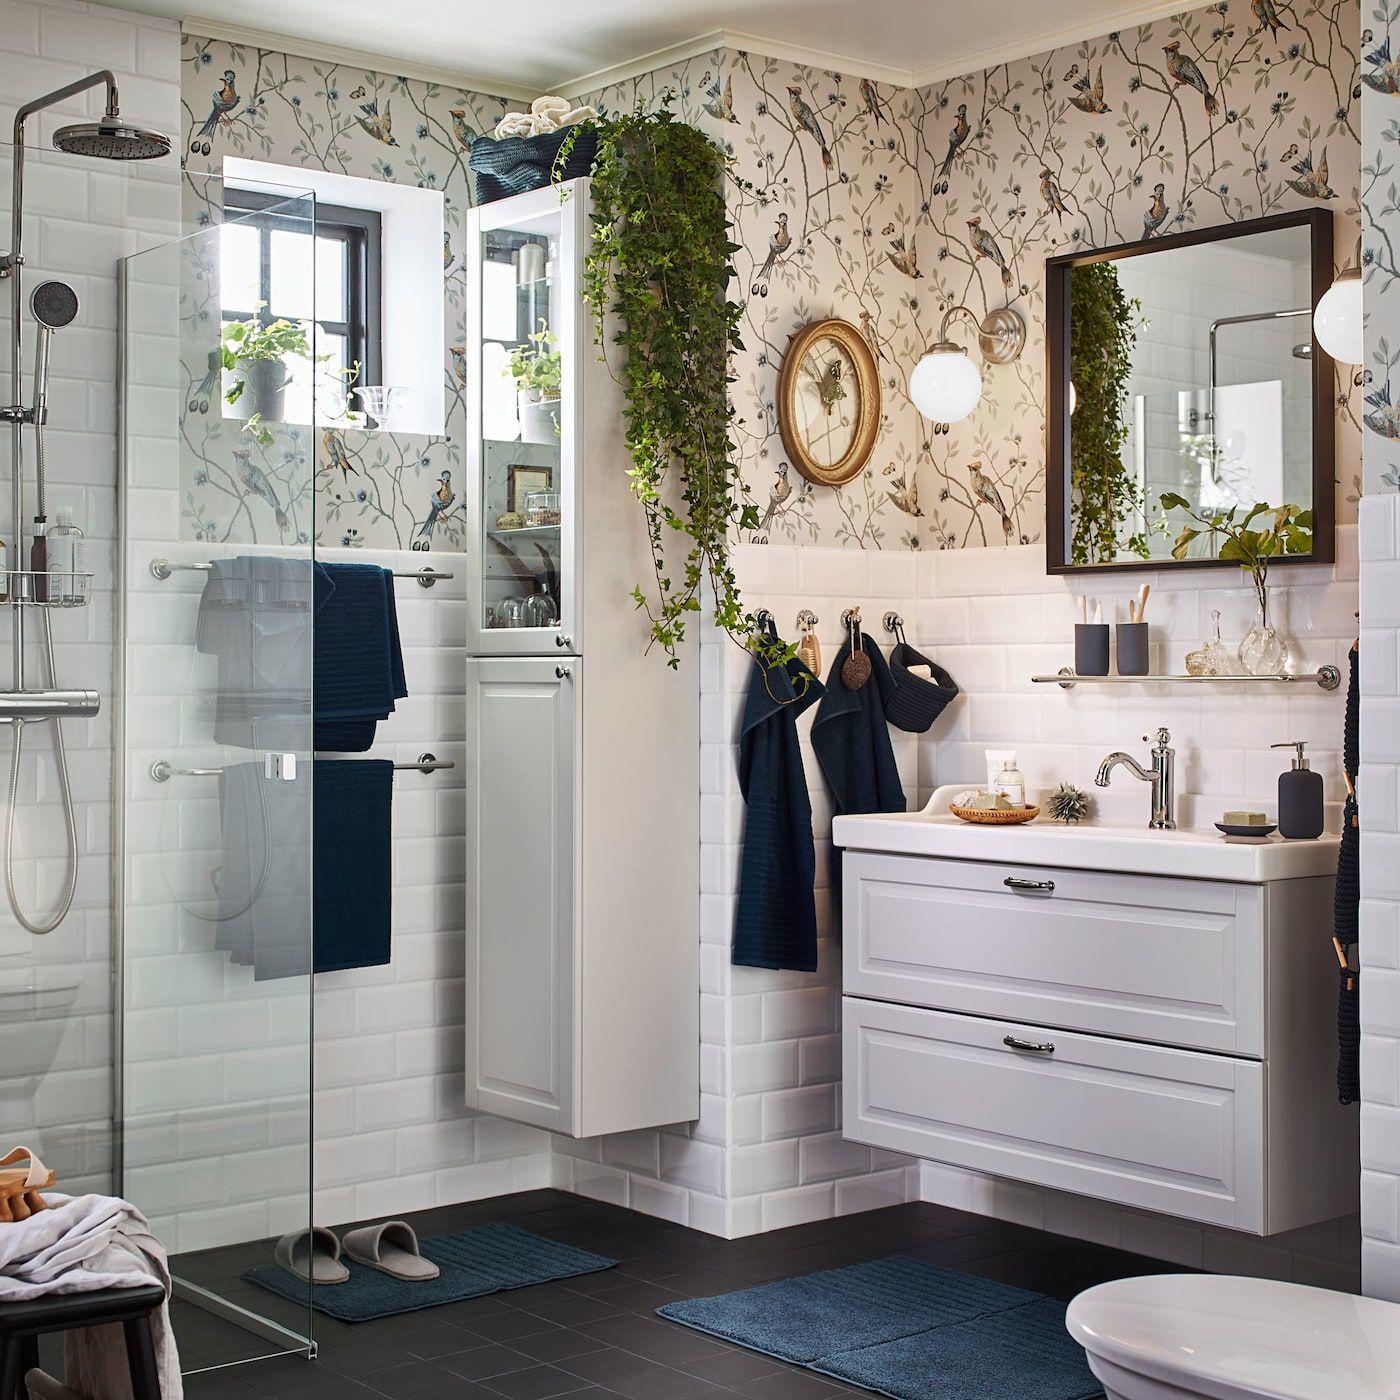 Ein Romantisches Bad Zum Entspannen Romantisches Bad Badezimmer Ikea Godmorgon